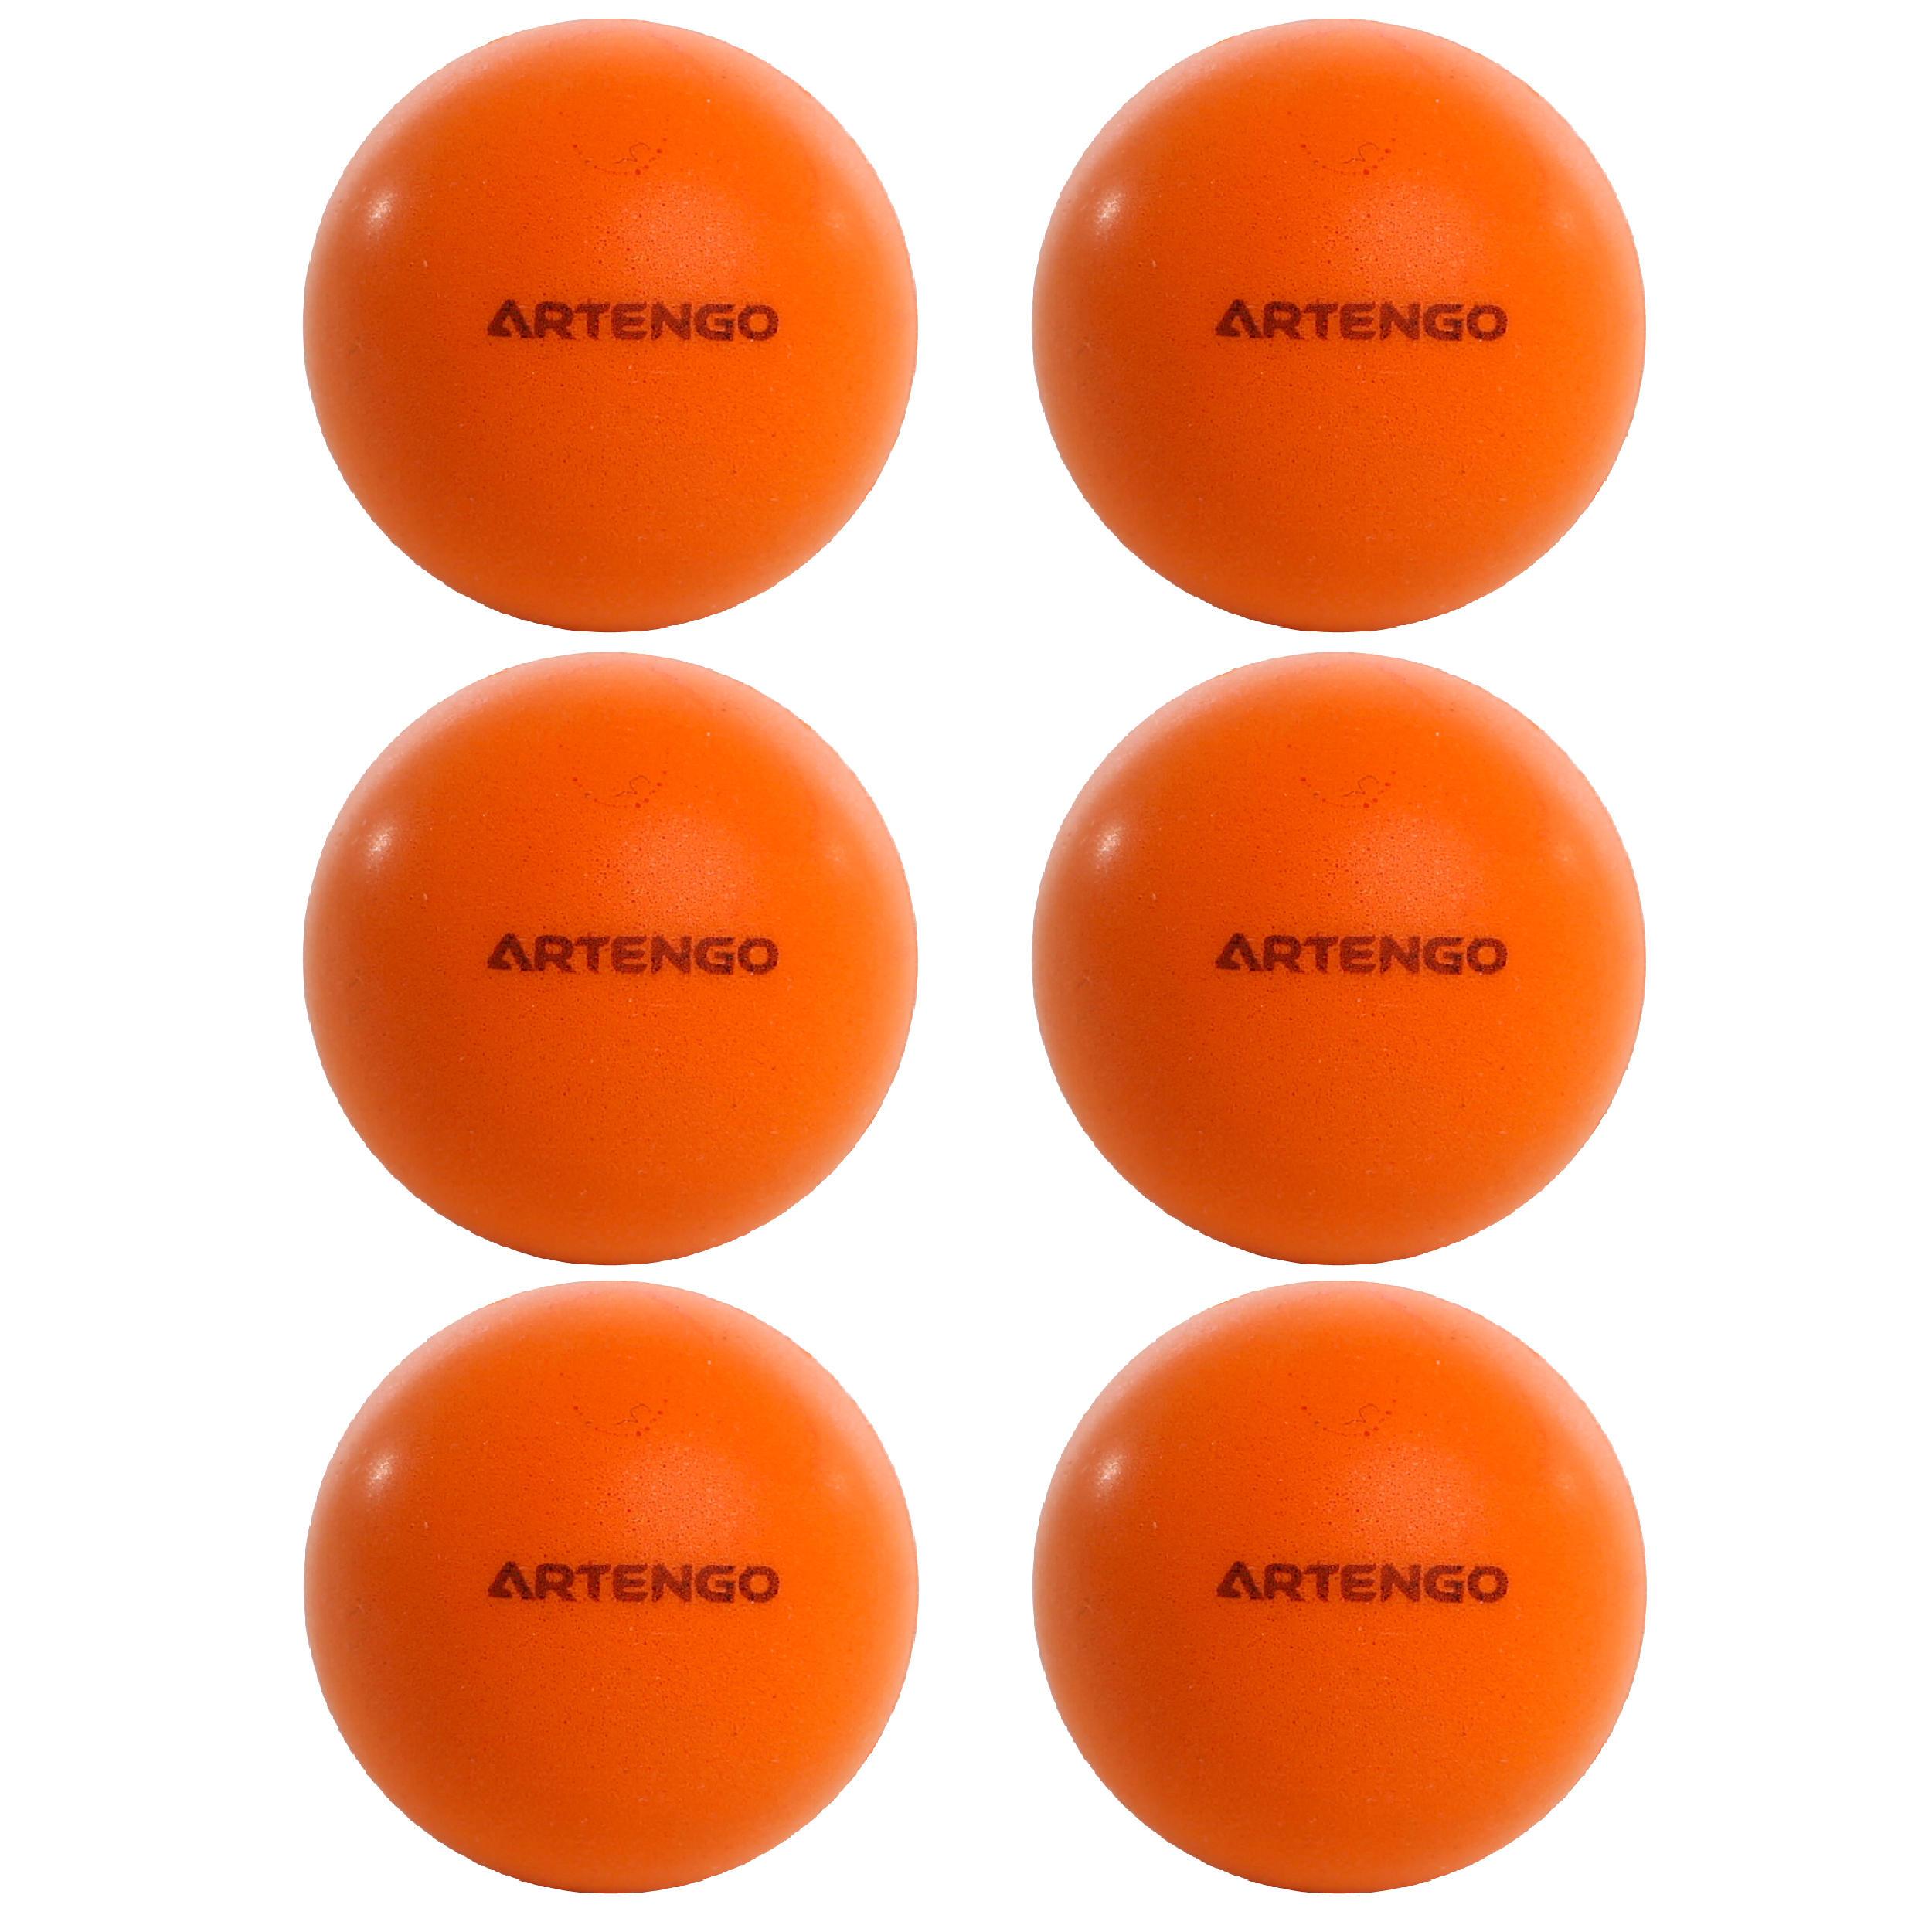 6 Balles de Ping Pong Tennis de Table Blanches ou Oranges